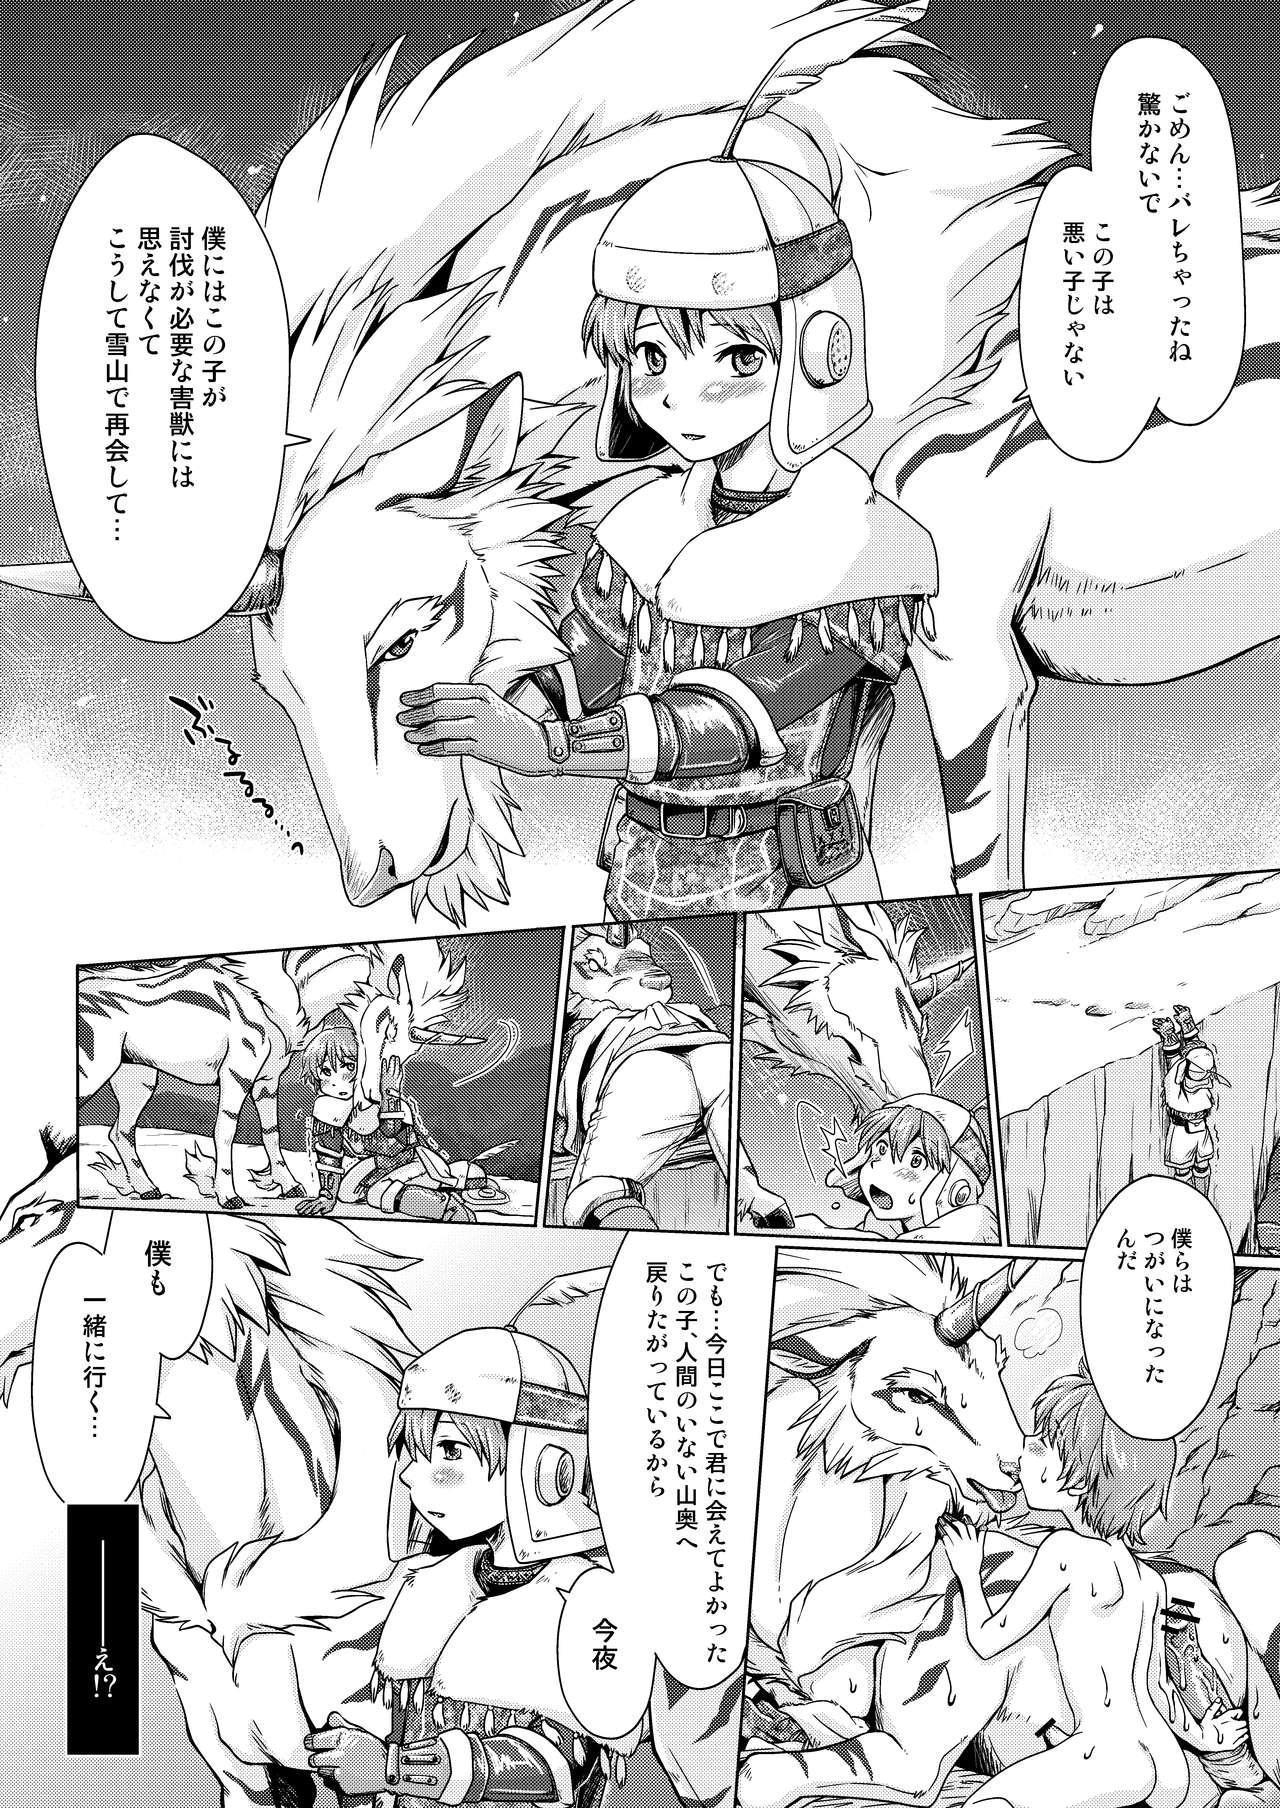 Kirin to Narga to Hunter to 5